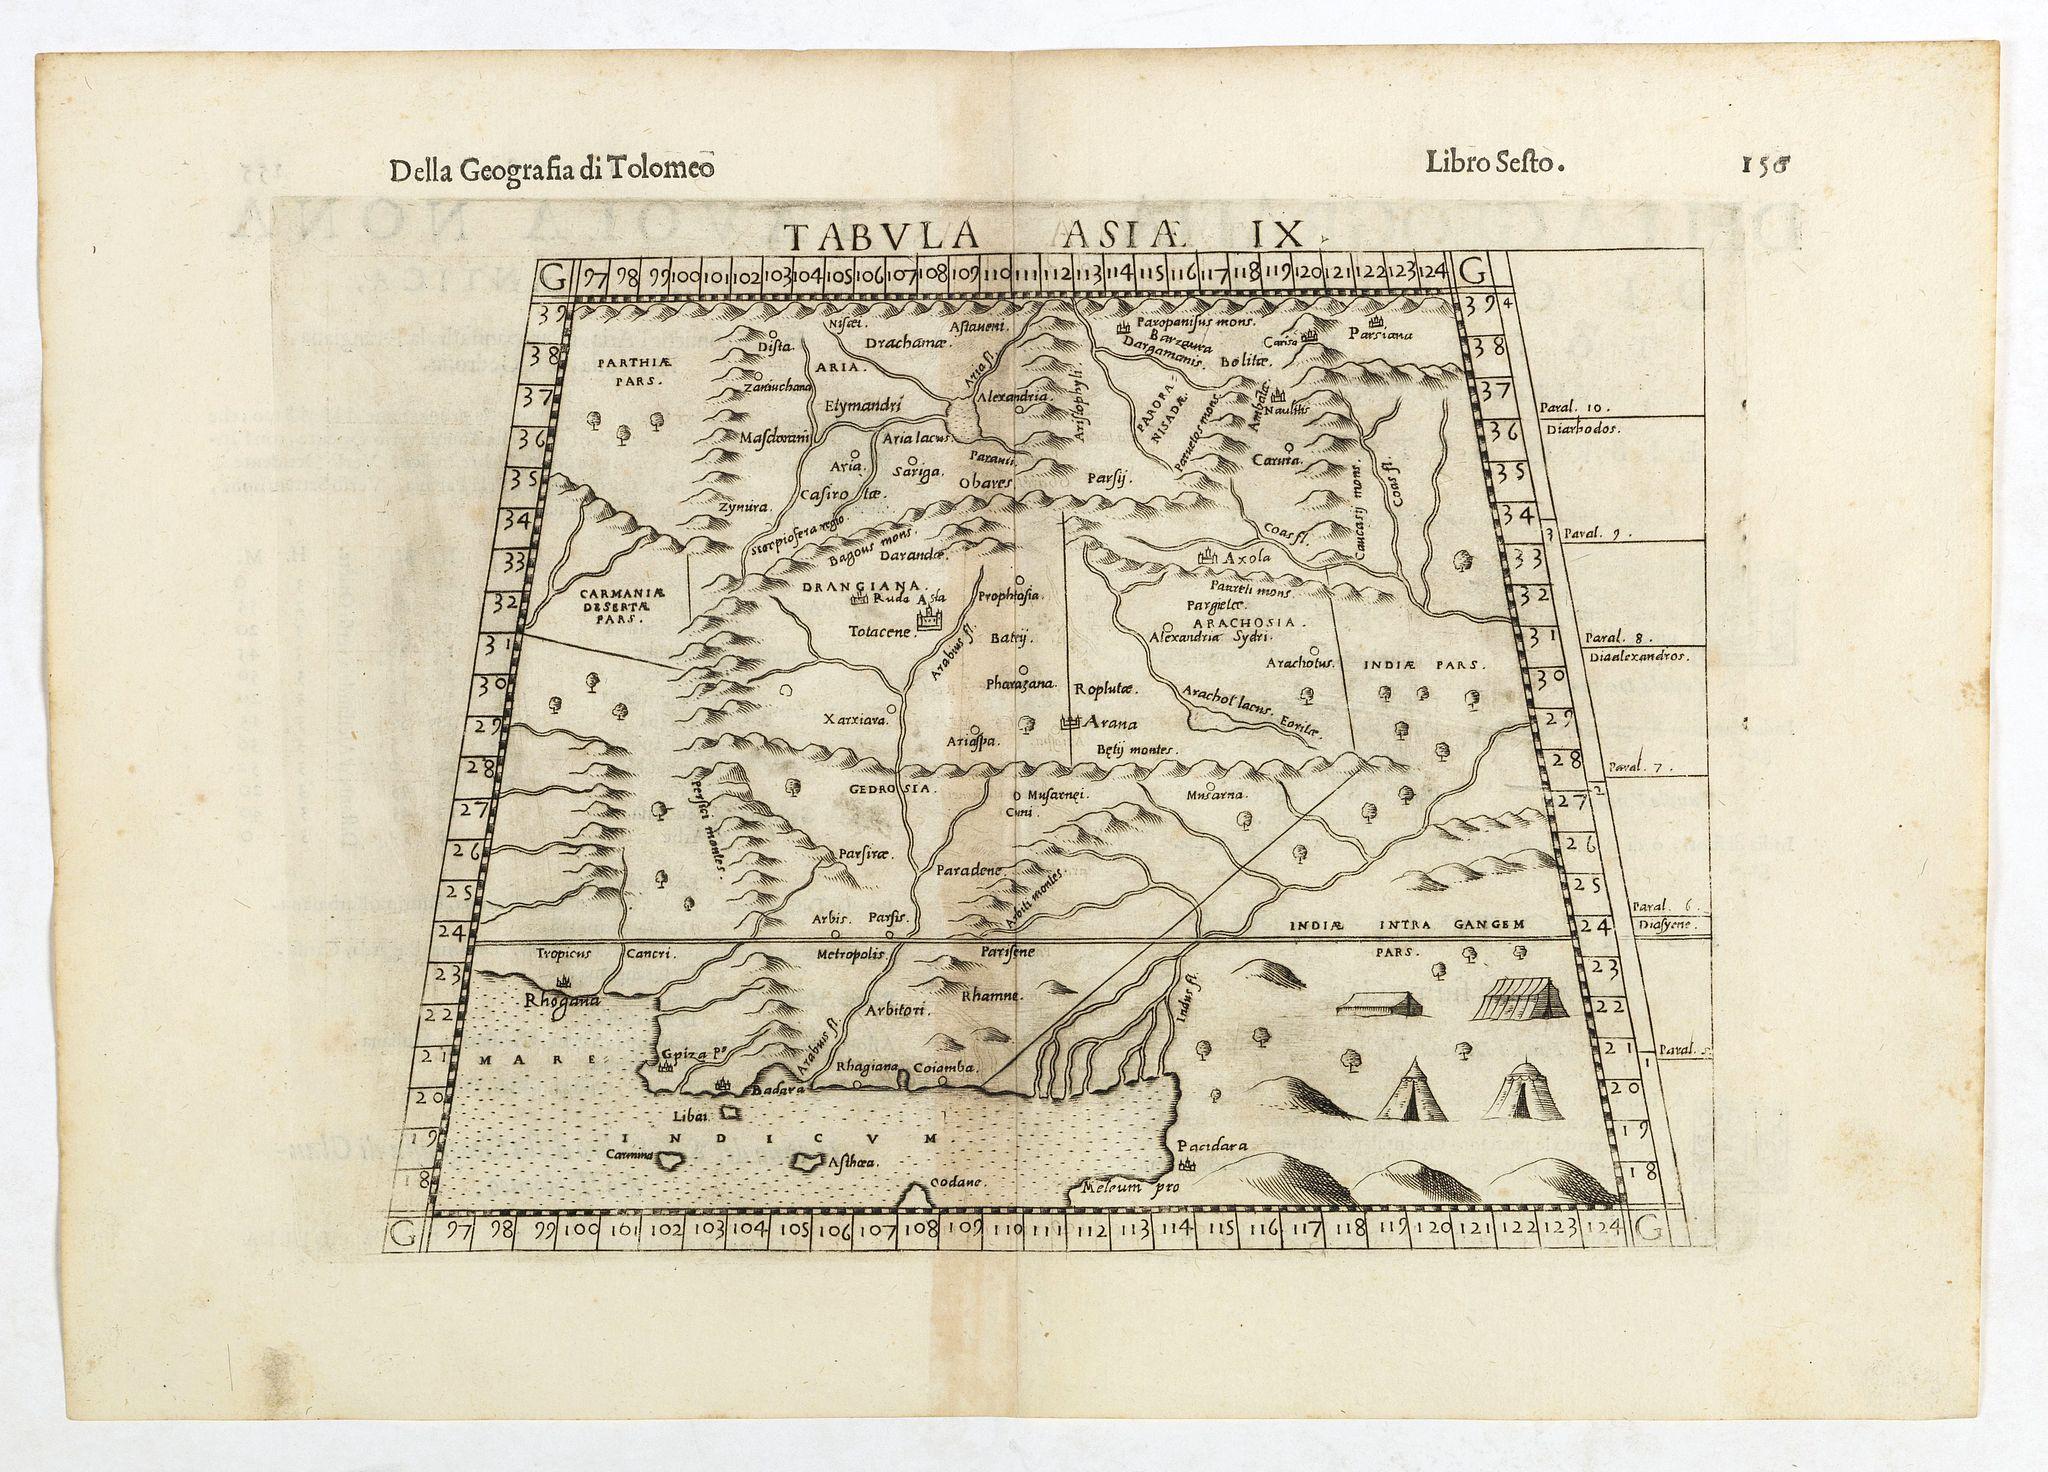 RUSCELLI, G. - Tabula Asiae IX.